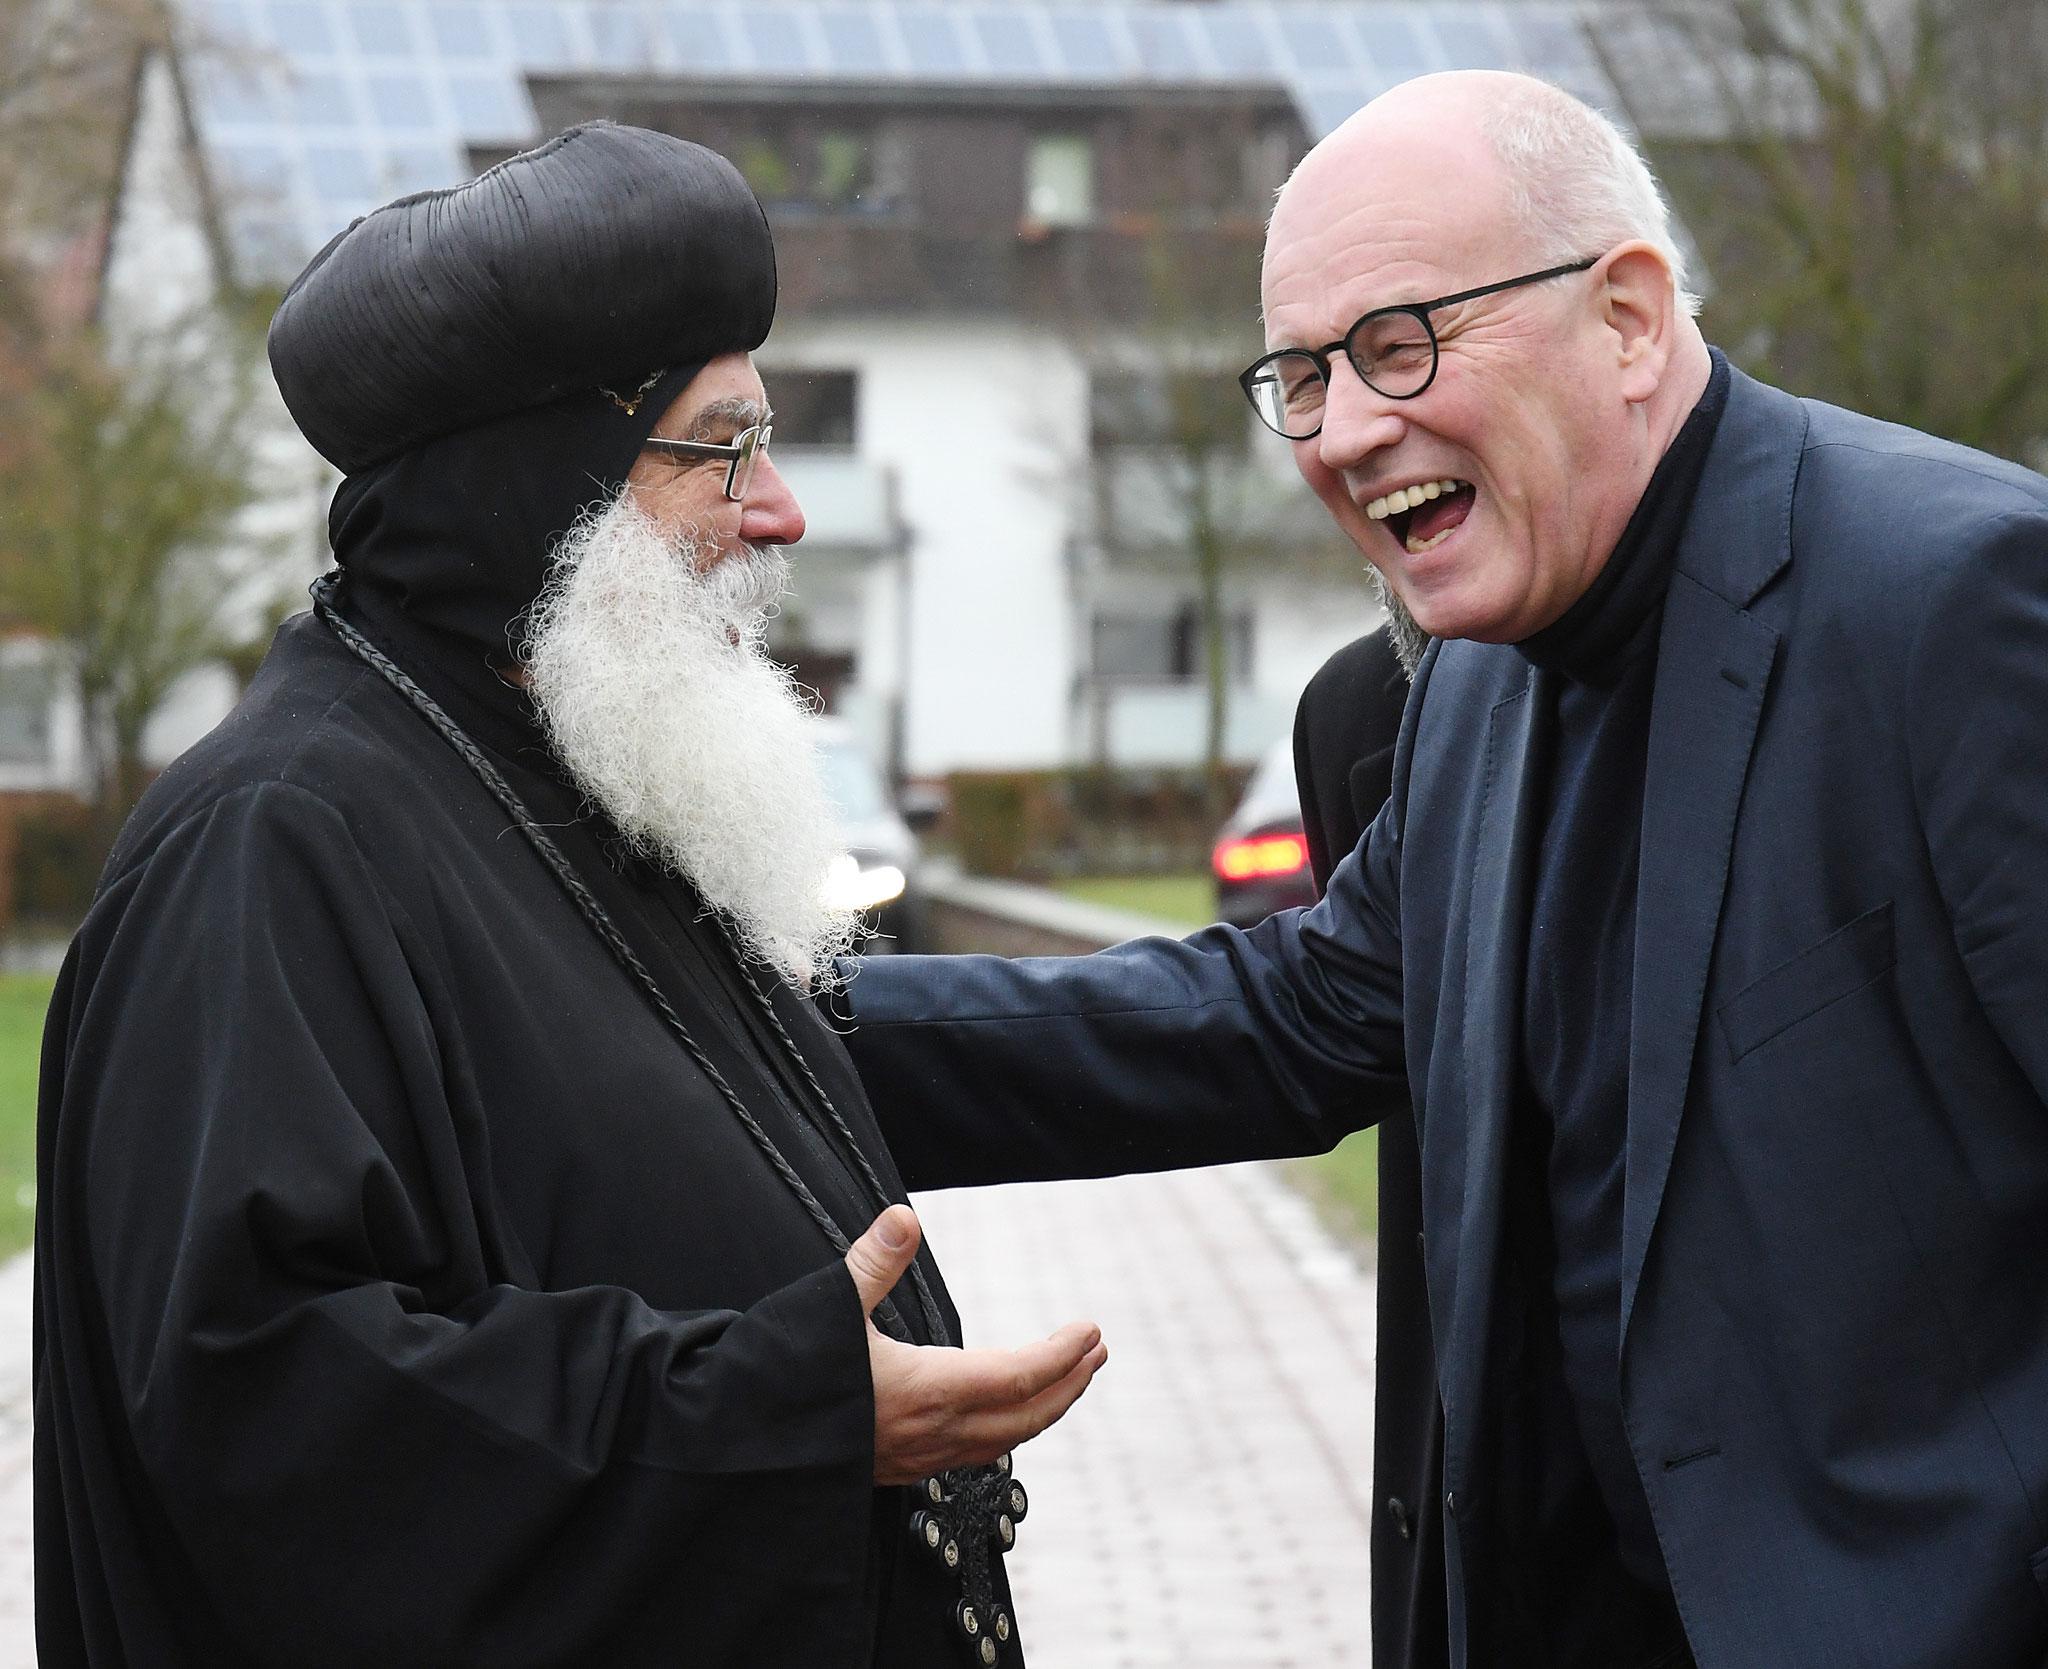 S.E. Bischof Anba Damian empfängt Volker Kauder im Koptisch-Orthodoxen Kloster Brenkhausen. Foto: Maria Hopp